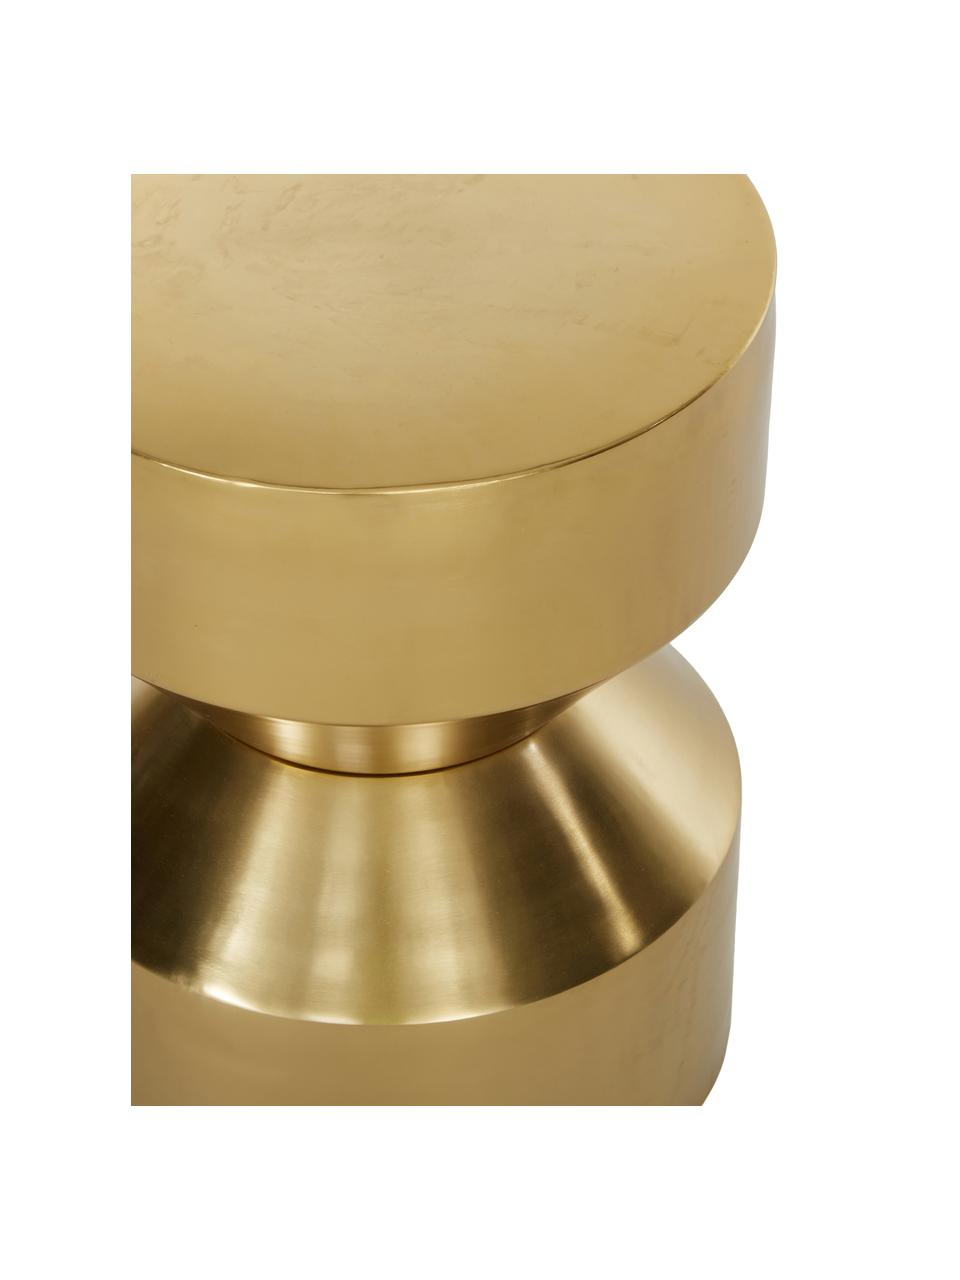 Table d'appoint dorée Juliana, Couleur dorée, légèrement brillant